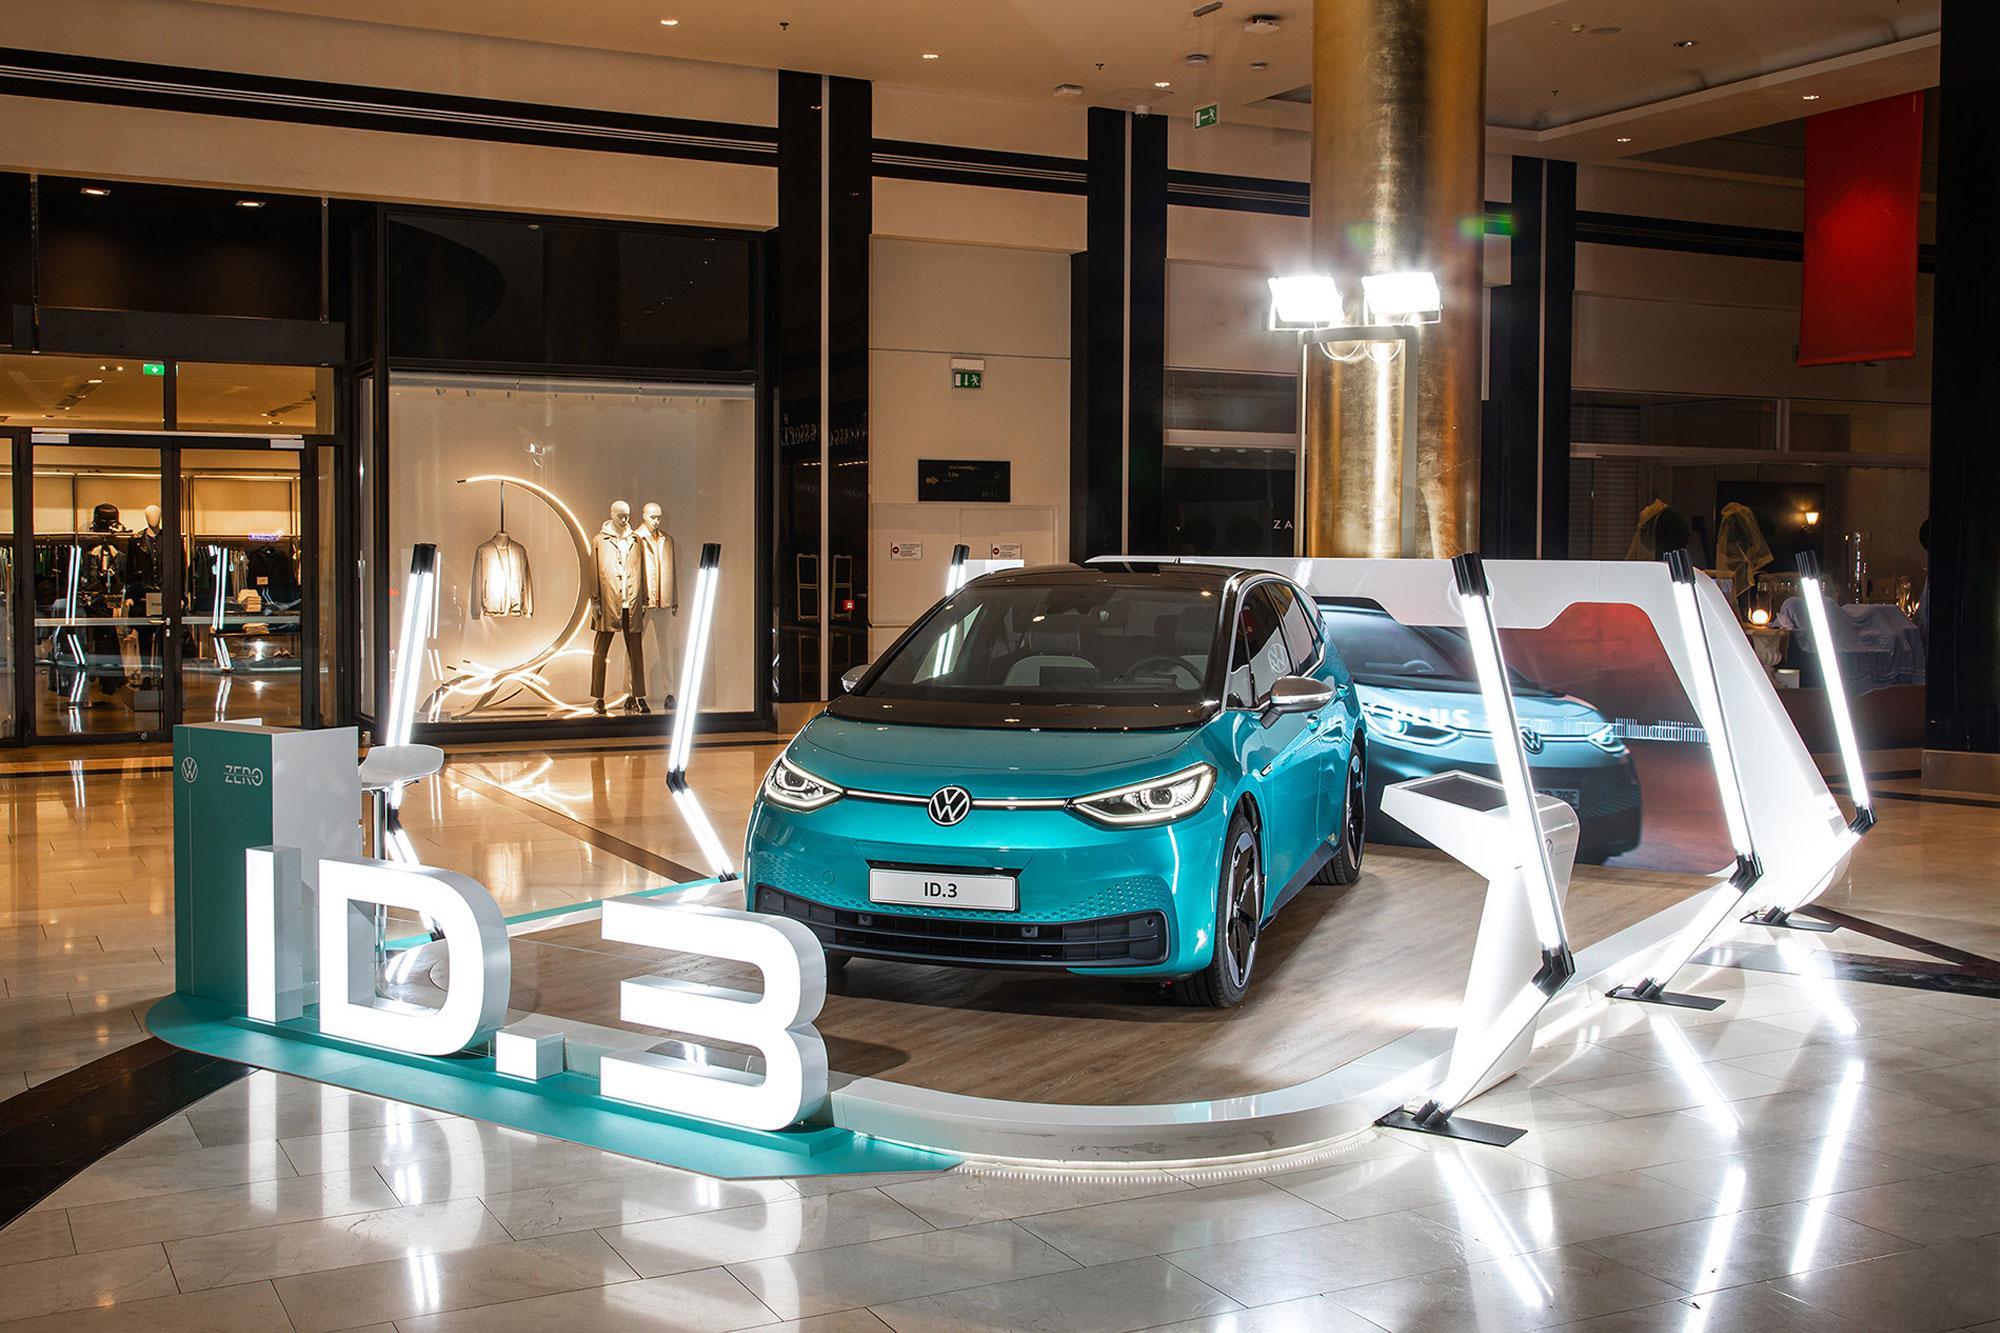 Το all-electric ID.3 στο εμπορικό κέντρο Golden Hall